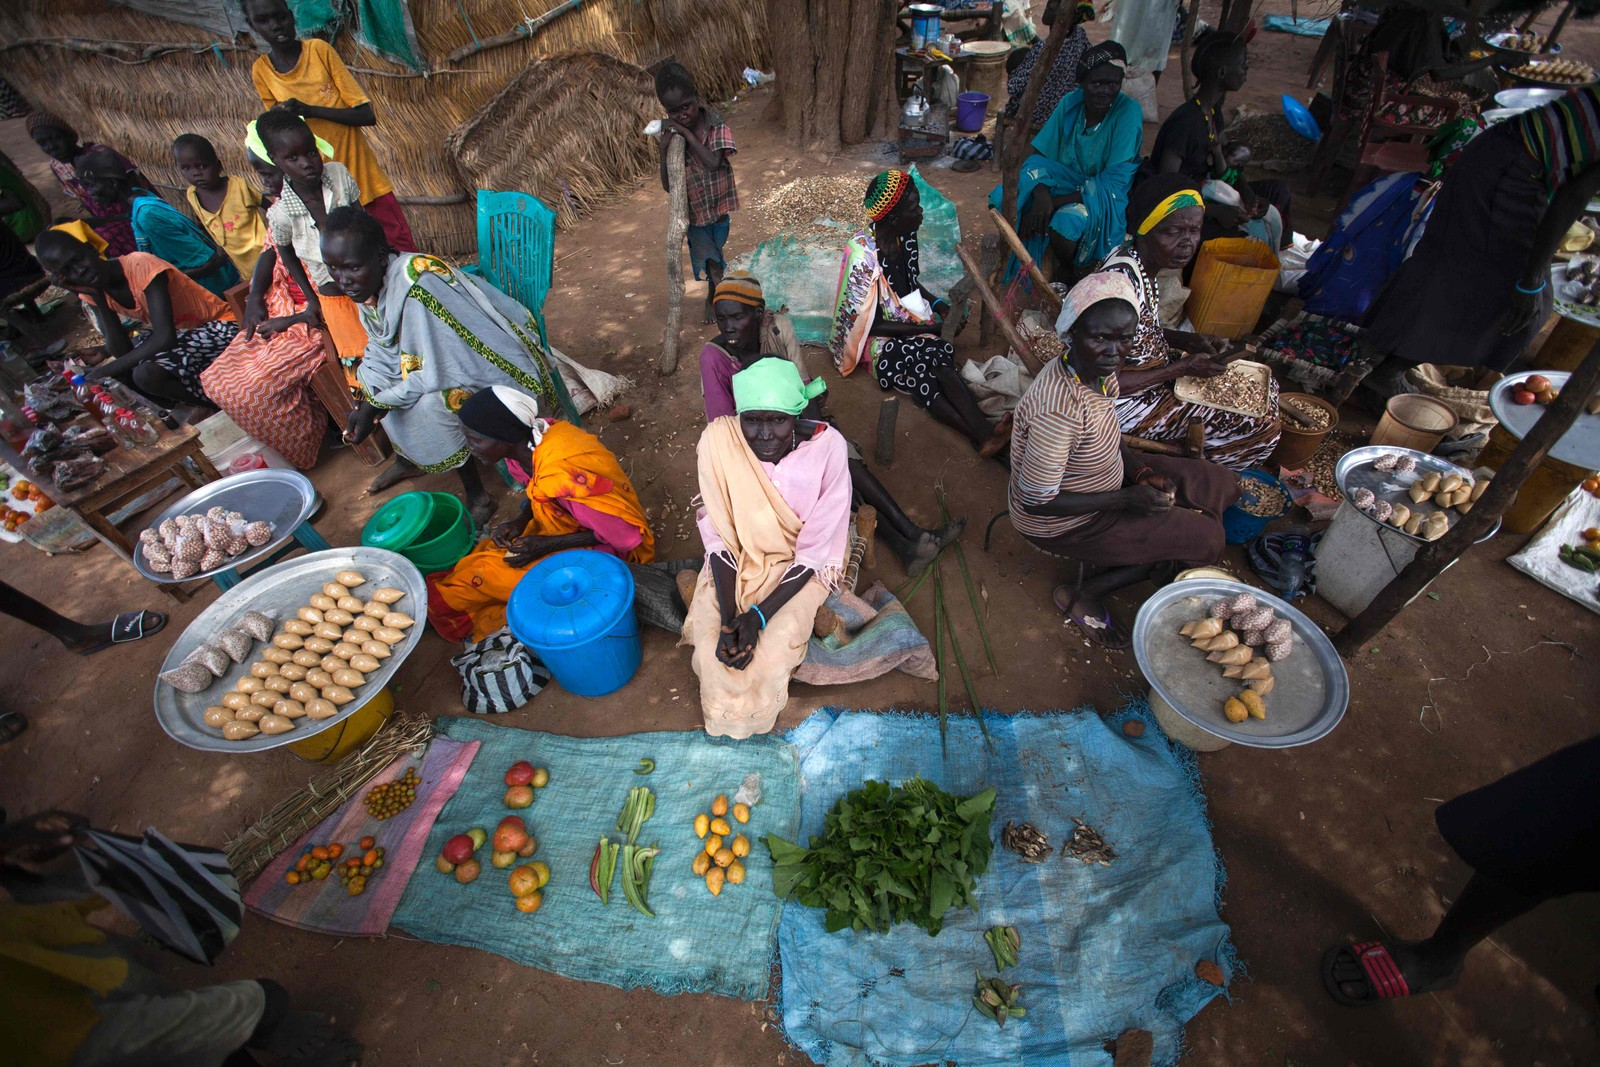 Matkrisen i Sør-Sudan: på markedet i Akuem, like utenfor Awil har de ikke mye å selge. På grunn av tørken er mer en 50% av avlingen ødelagt.